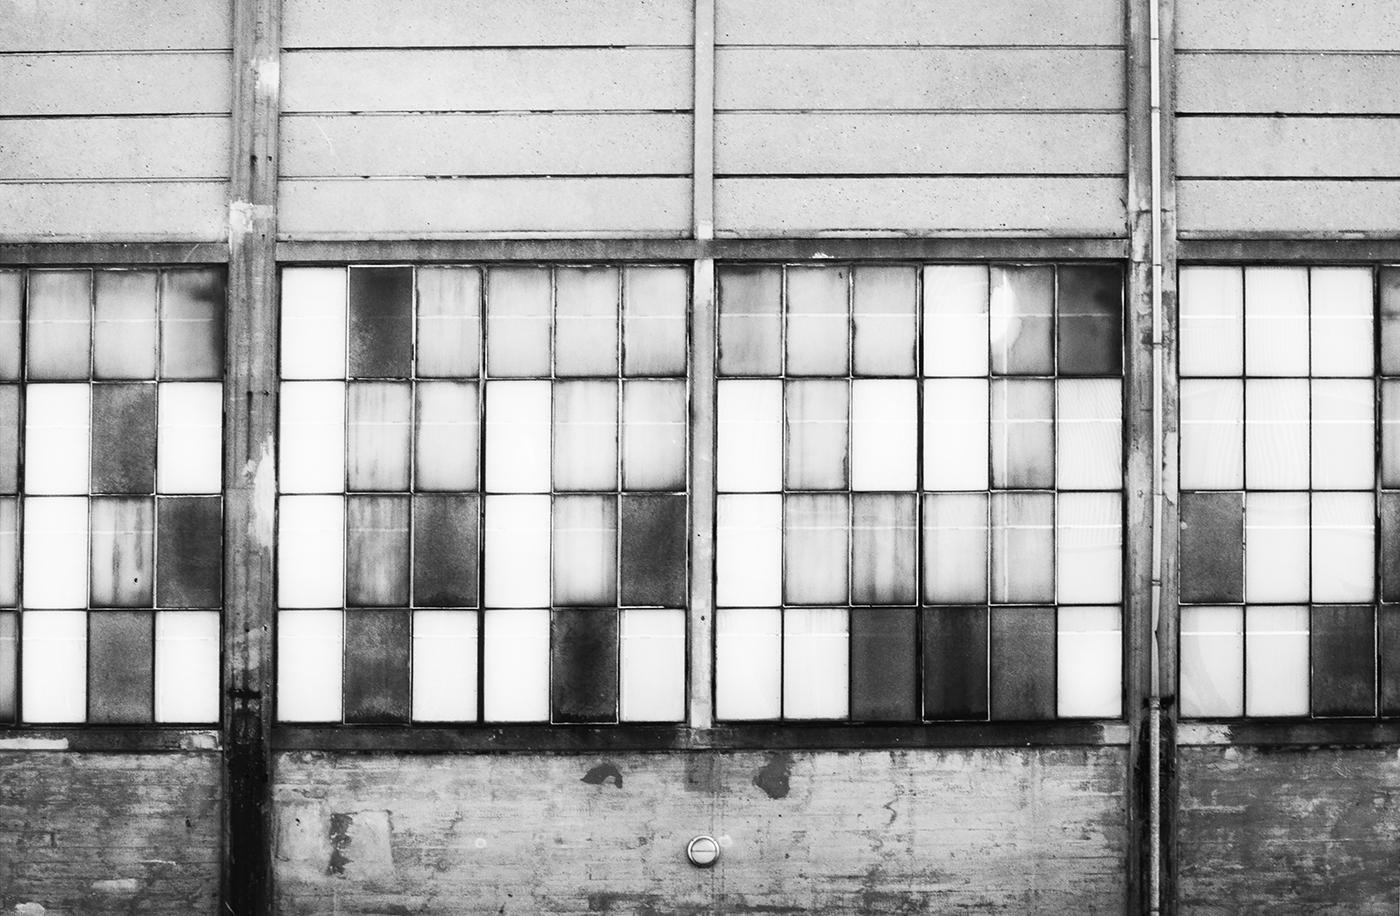 kunsttryk, fotografier, geometriske, grafiske, monokrome, arkitektur, mønstre, grå, hvide, blæk, papir, arkitektoniske, sort-hvide, bygninger, dekorative, design, interiør, bolig-indretning, Køb original kunst og kunstplakater. Malerier, tegninger, limited edition kunsttryk & plakater af dygtige kunstnere.